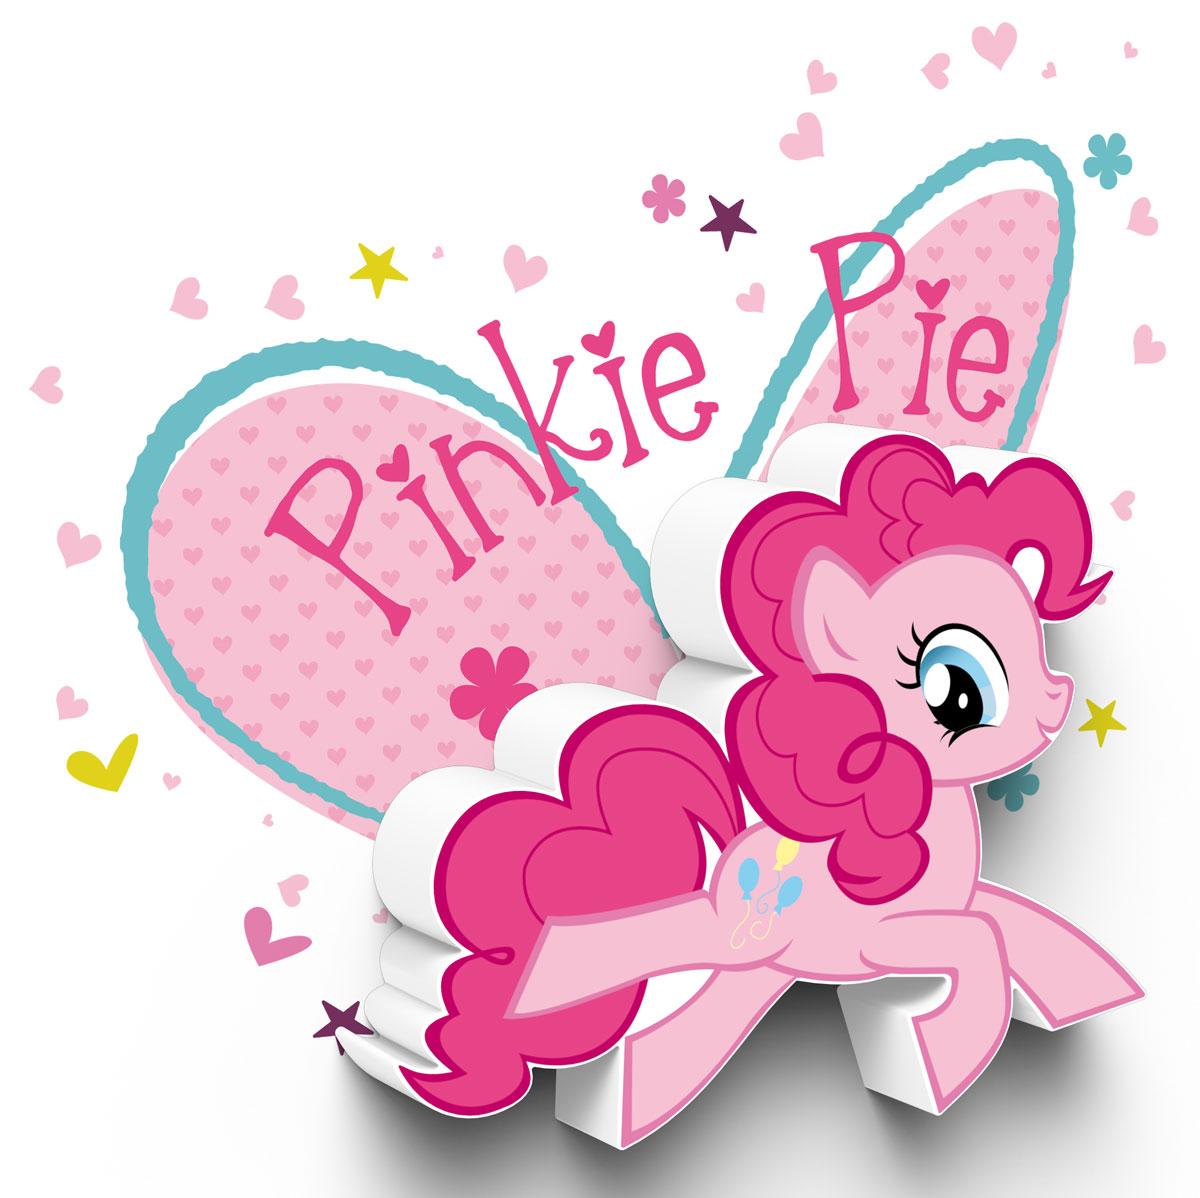 My Little Pony Пробивной 3D мини-светильник Pinky Pie4000812Пробивной 3D мини-светильник Pinky Pie обязательно понравится вашему ребенку.Особенности:Безопасный: без проводов, работает от батареек (2хААА, не входят в комплект);Не нагревается: всегда можно дотронуться до изделия;Реалистичный: 3D наклейка в комплекте;Фантастический: выглядит превосходно в любое время суток; Удобный: простая установка (автоматическое выключение через полчаса непрерывной работы).Товар предназначен для детей старше 3 лет. ВНИМАНИЕ! Содержит мелкие детали, использовать под непосредственным наблюдением взрослых.